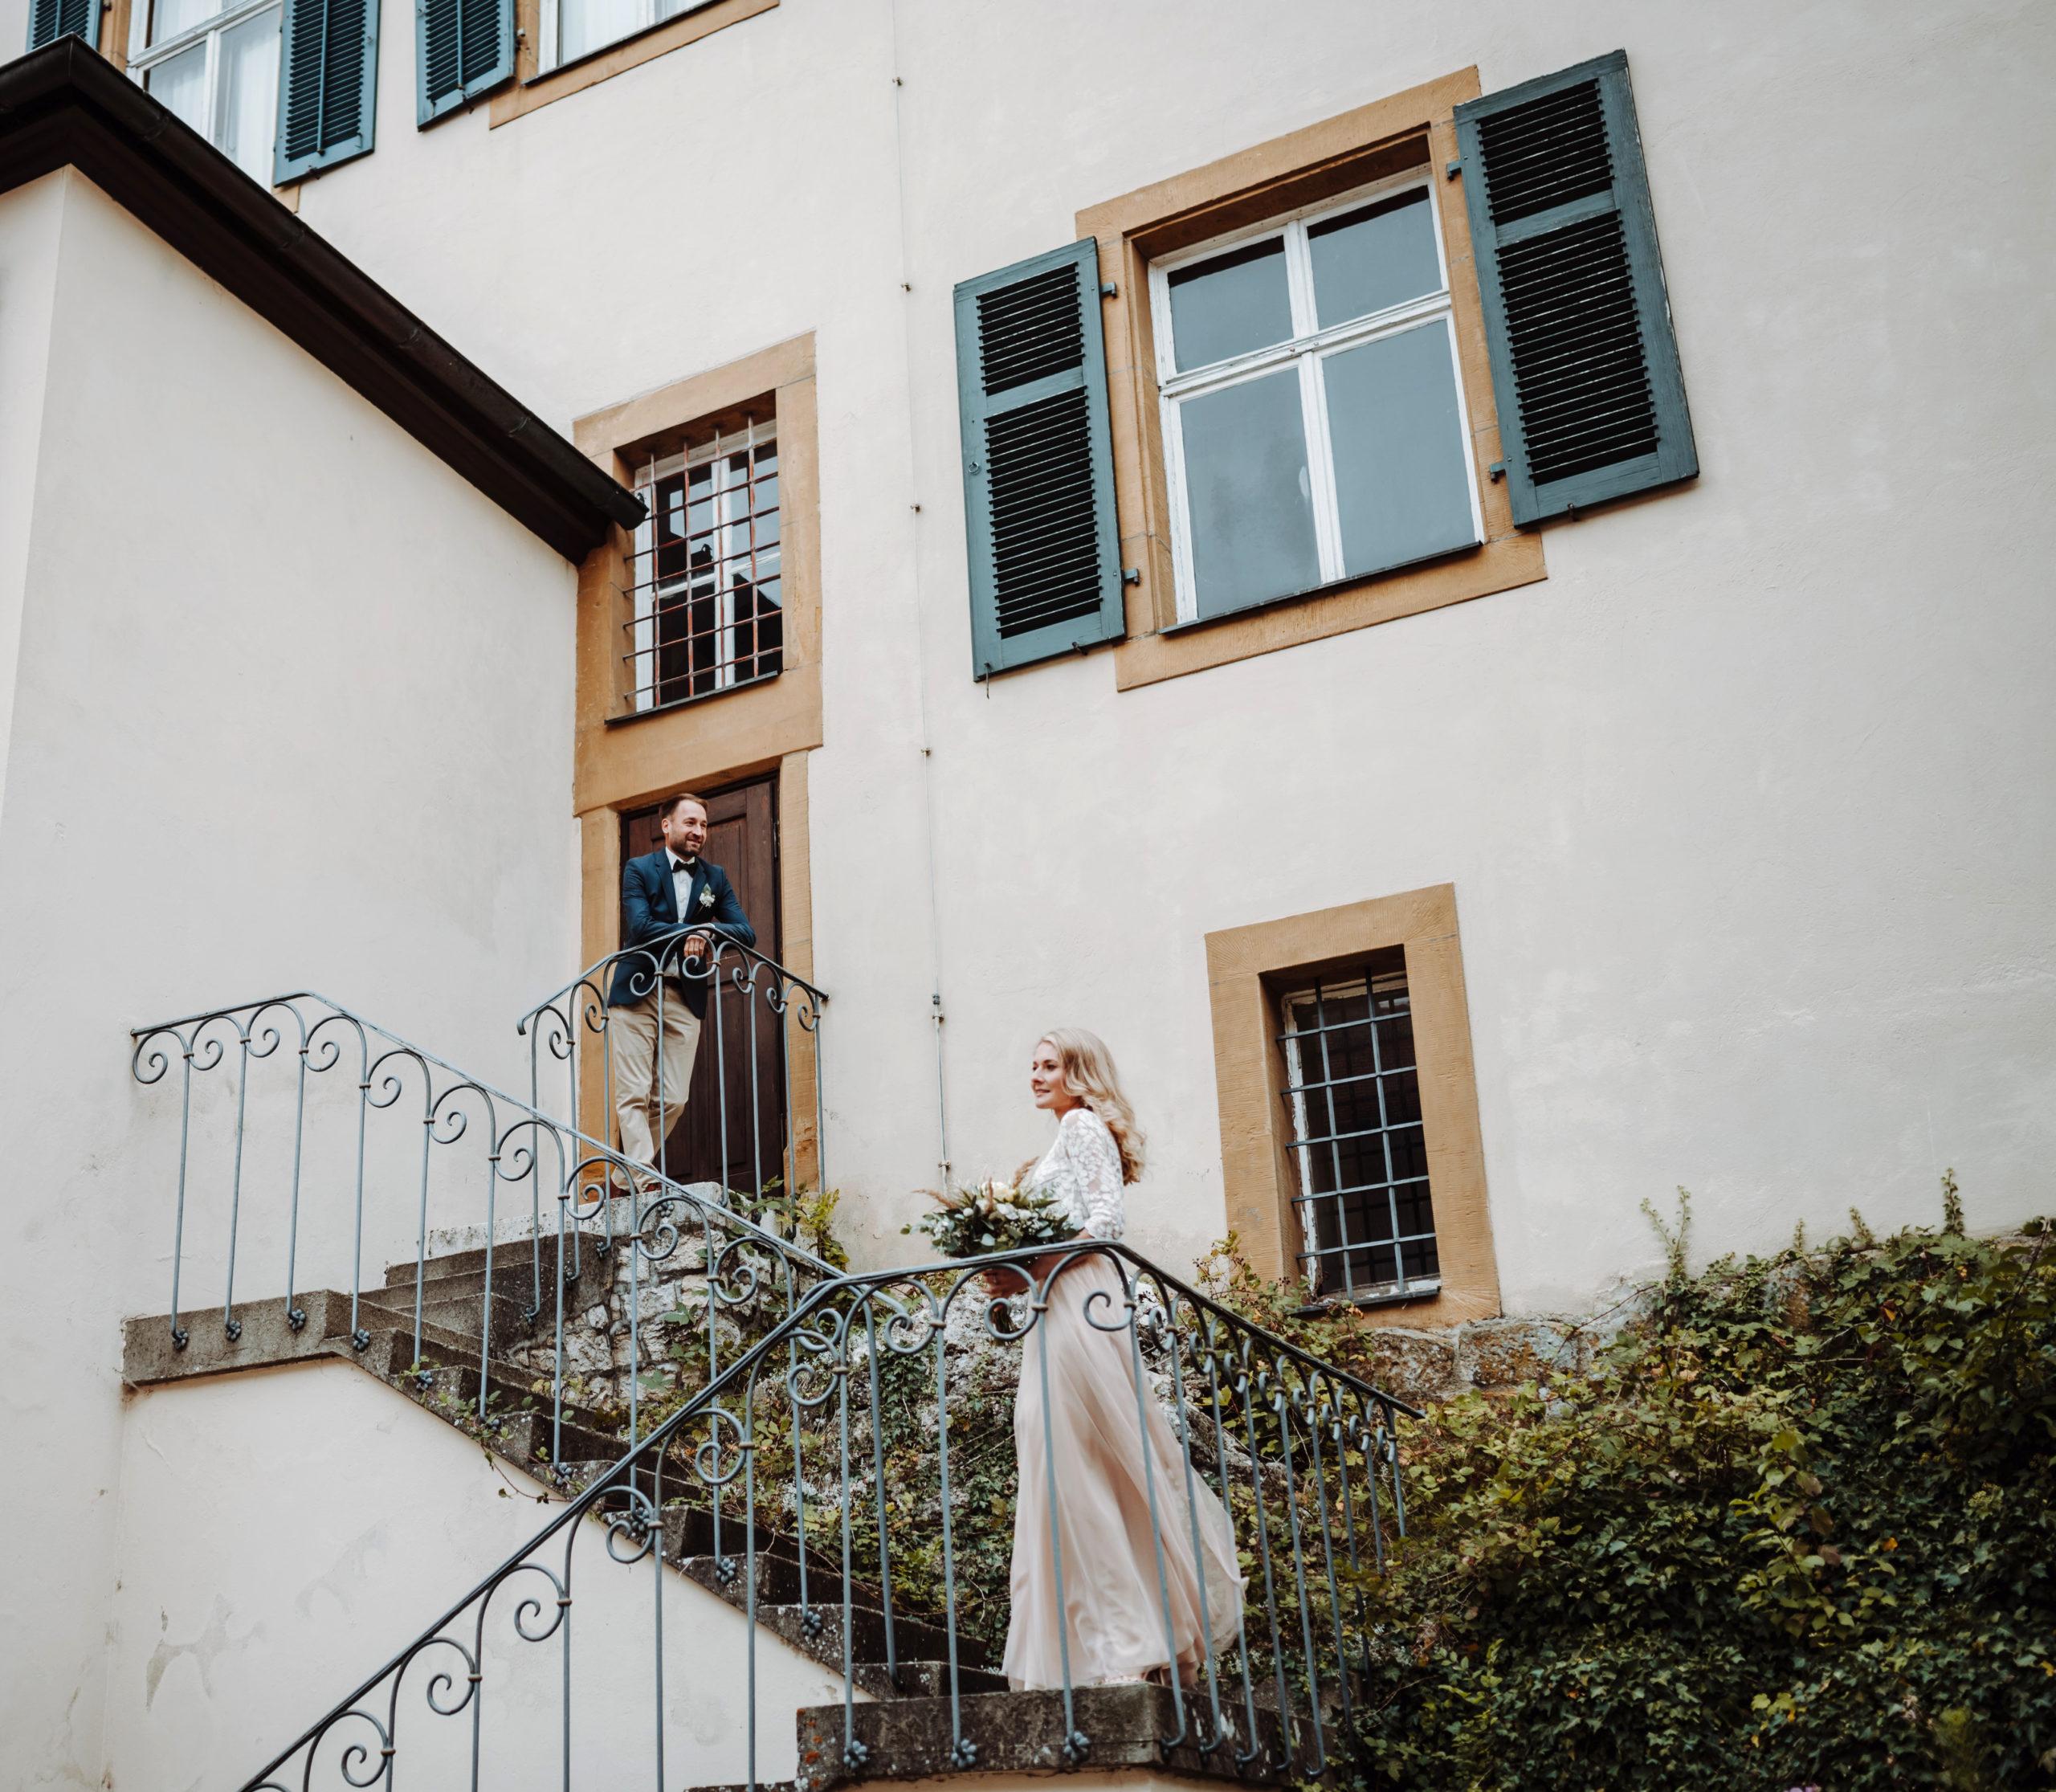 Brautpaar auf Treppe. Braut mit Zweiteiligem Brautkleid aus Tüllrock in Blush und Spitzentop, sie trägt ihren Brautstrauß. Bräutigam mit beiger Hose, weißem Hemd und blauem Sakko.